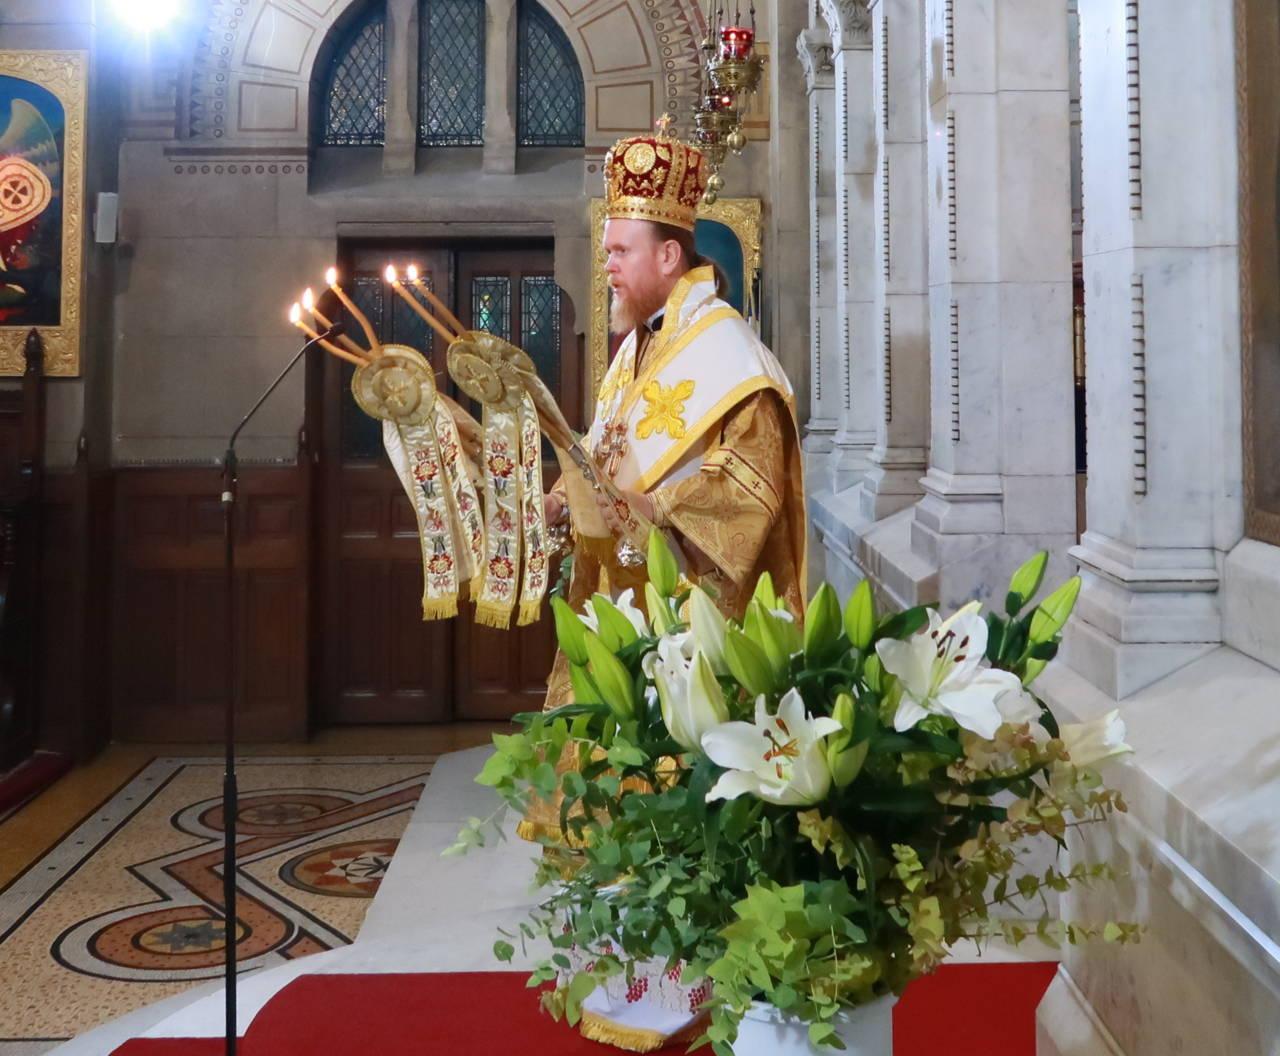 IMG 3315 - Ο Αρχιεπίσκοπος Τσερνιχίβ κ. Ευστράτιος στο Παρίσι